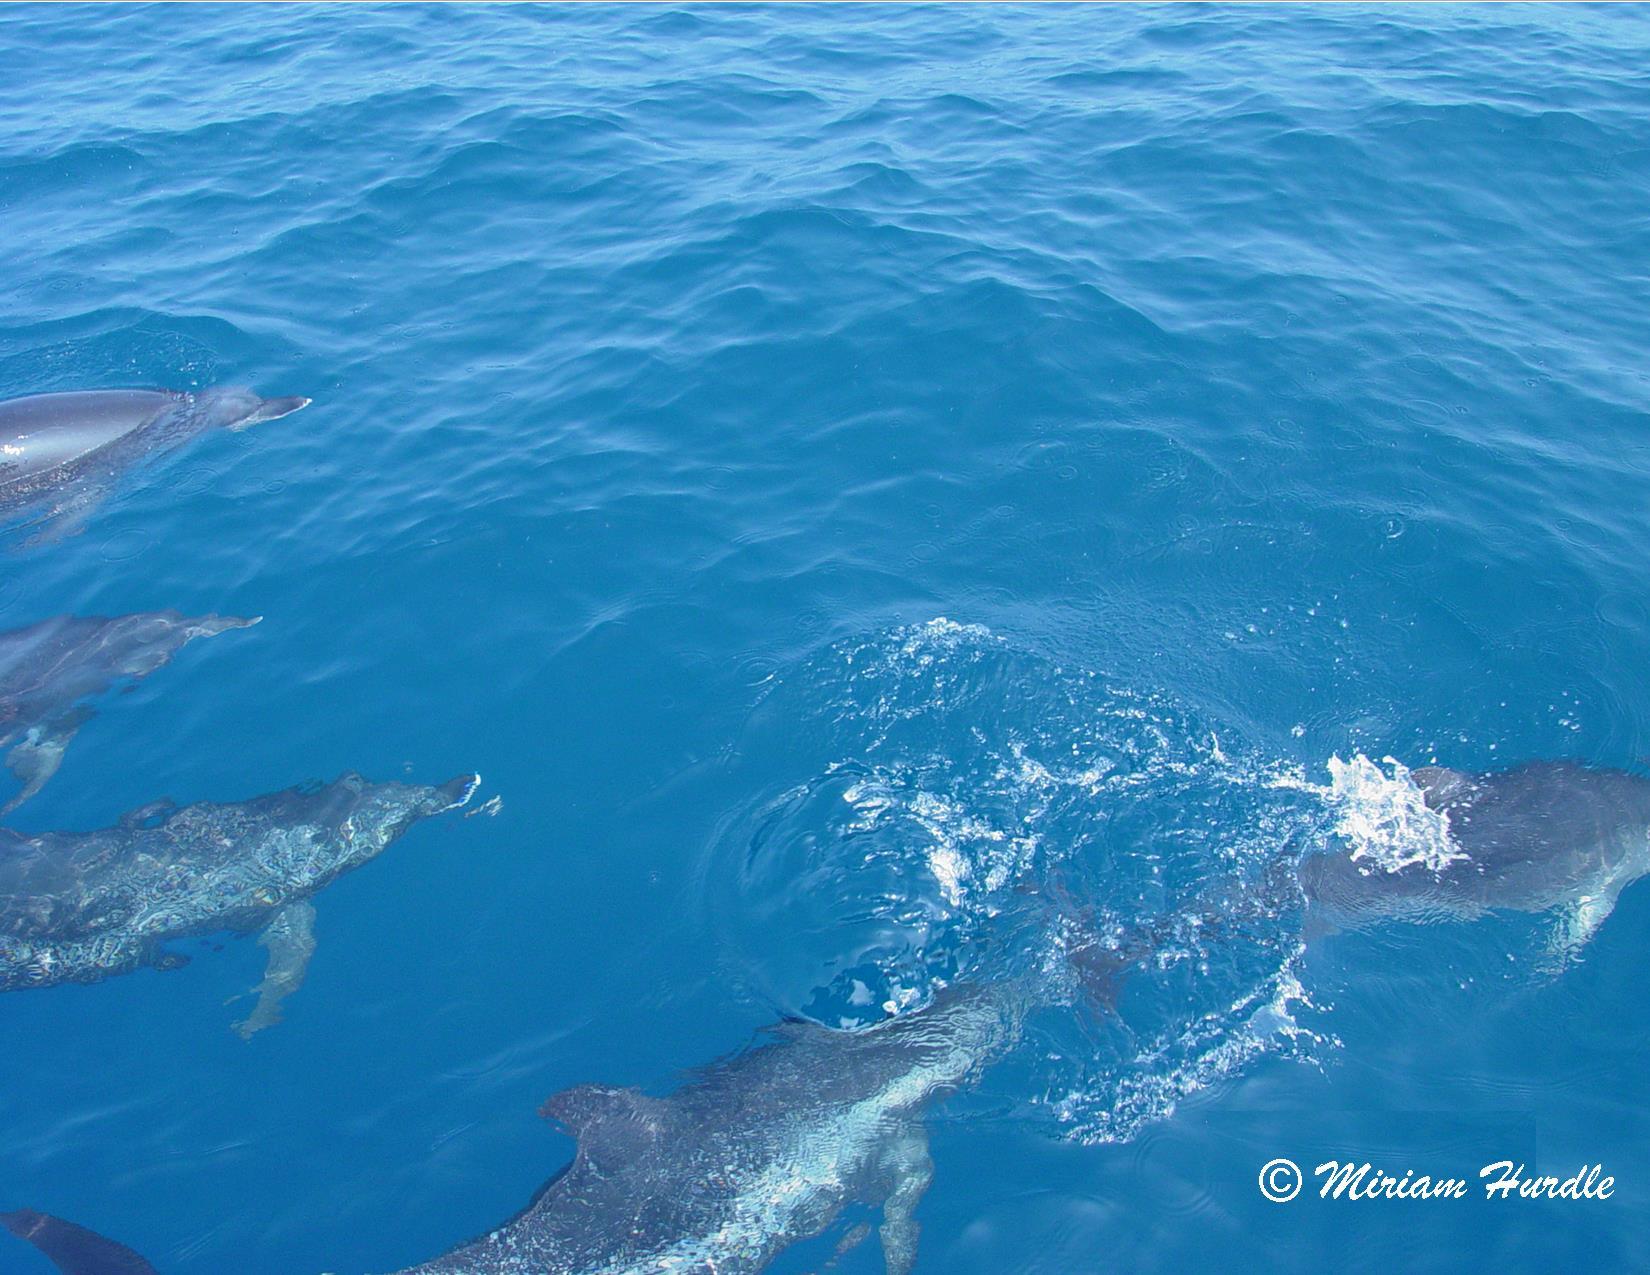 Trancient - dolphin 2